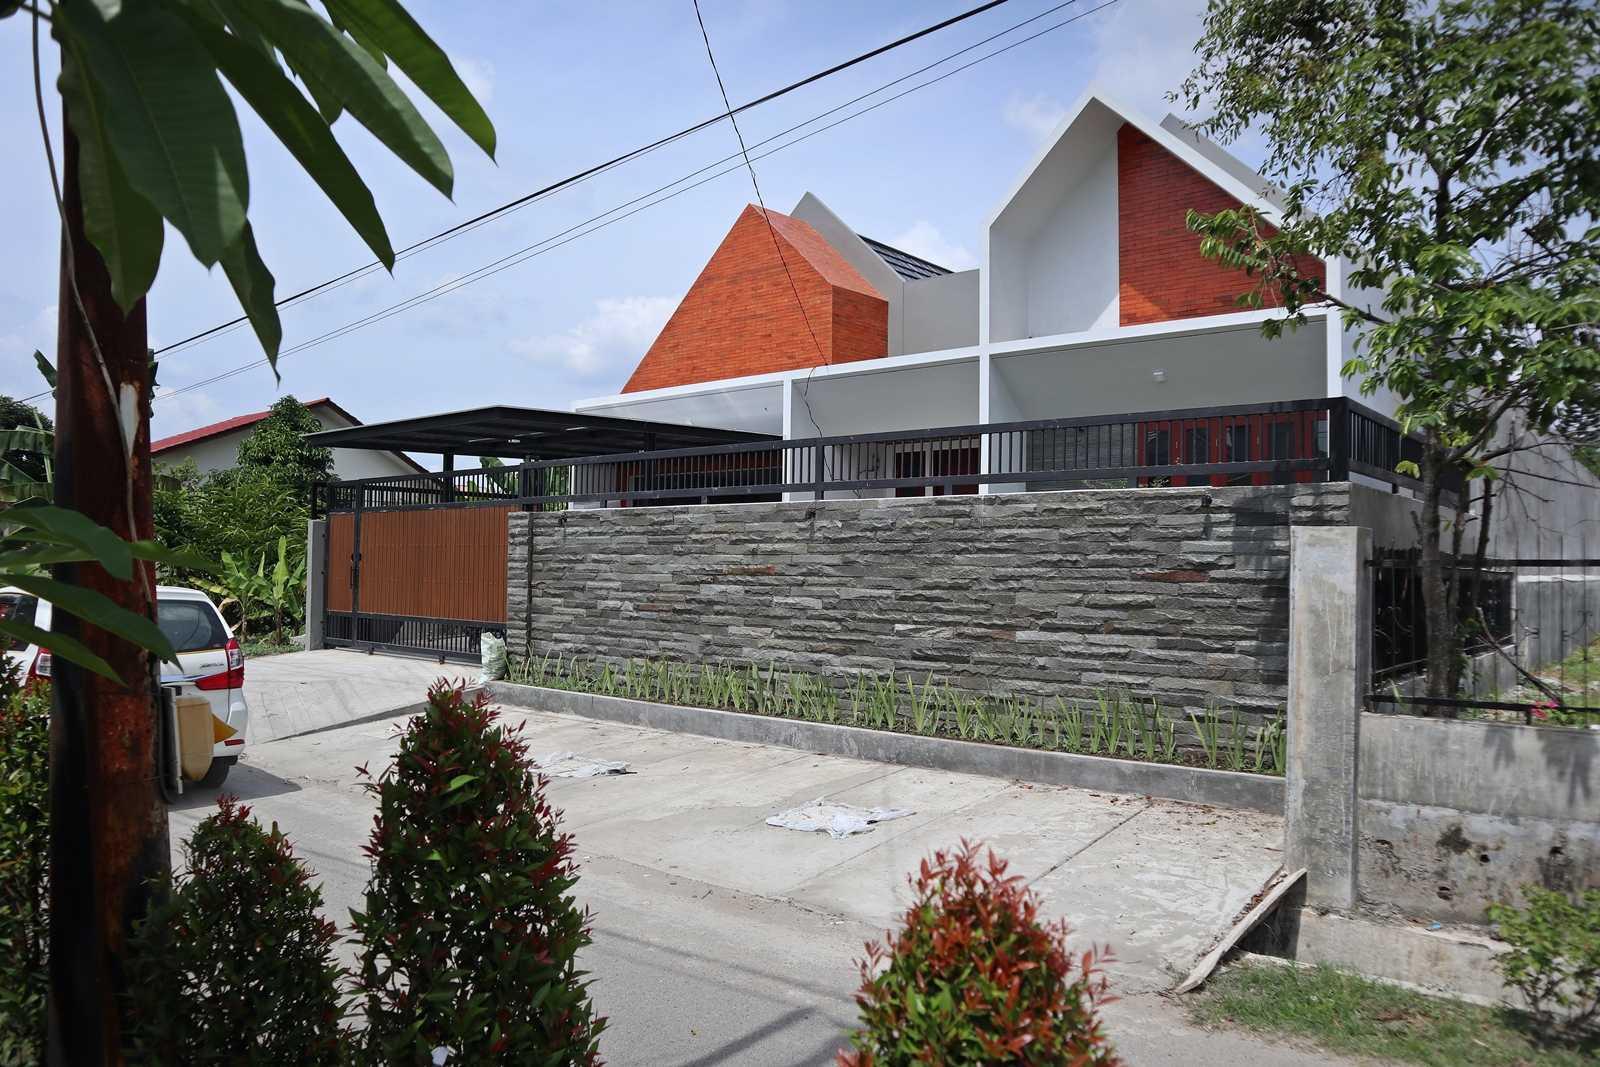 Bd Studio Ss Villa House Medan, Kota Medan, Sumatera Utara, Indonesia Medan, Kota Medan, Sumatera Utara, Indonesia Bd-Studio-Ss-Villa-House  74085